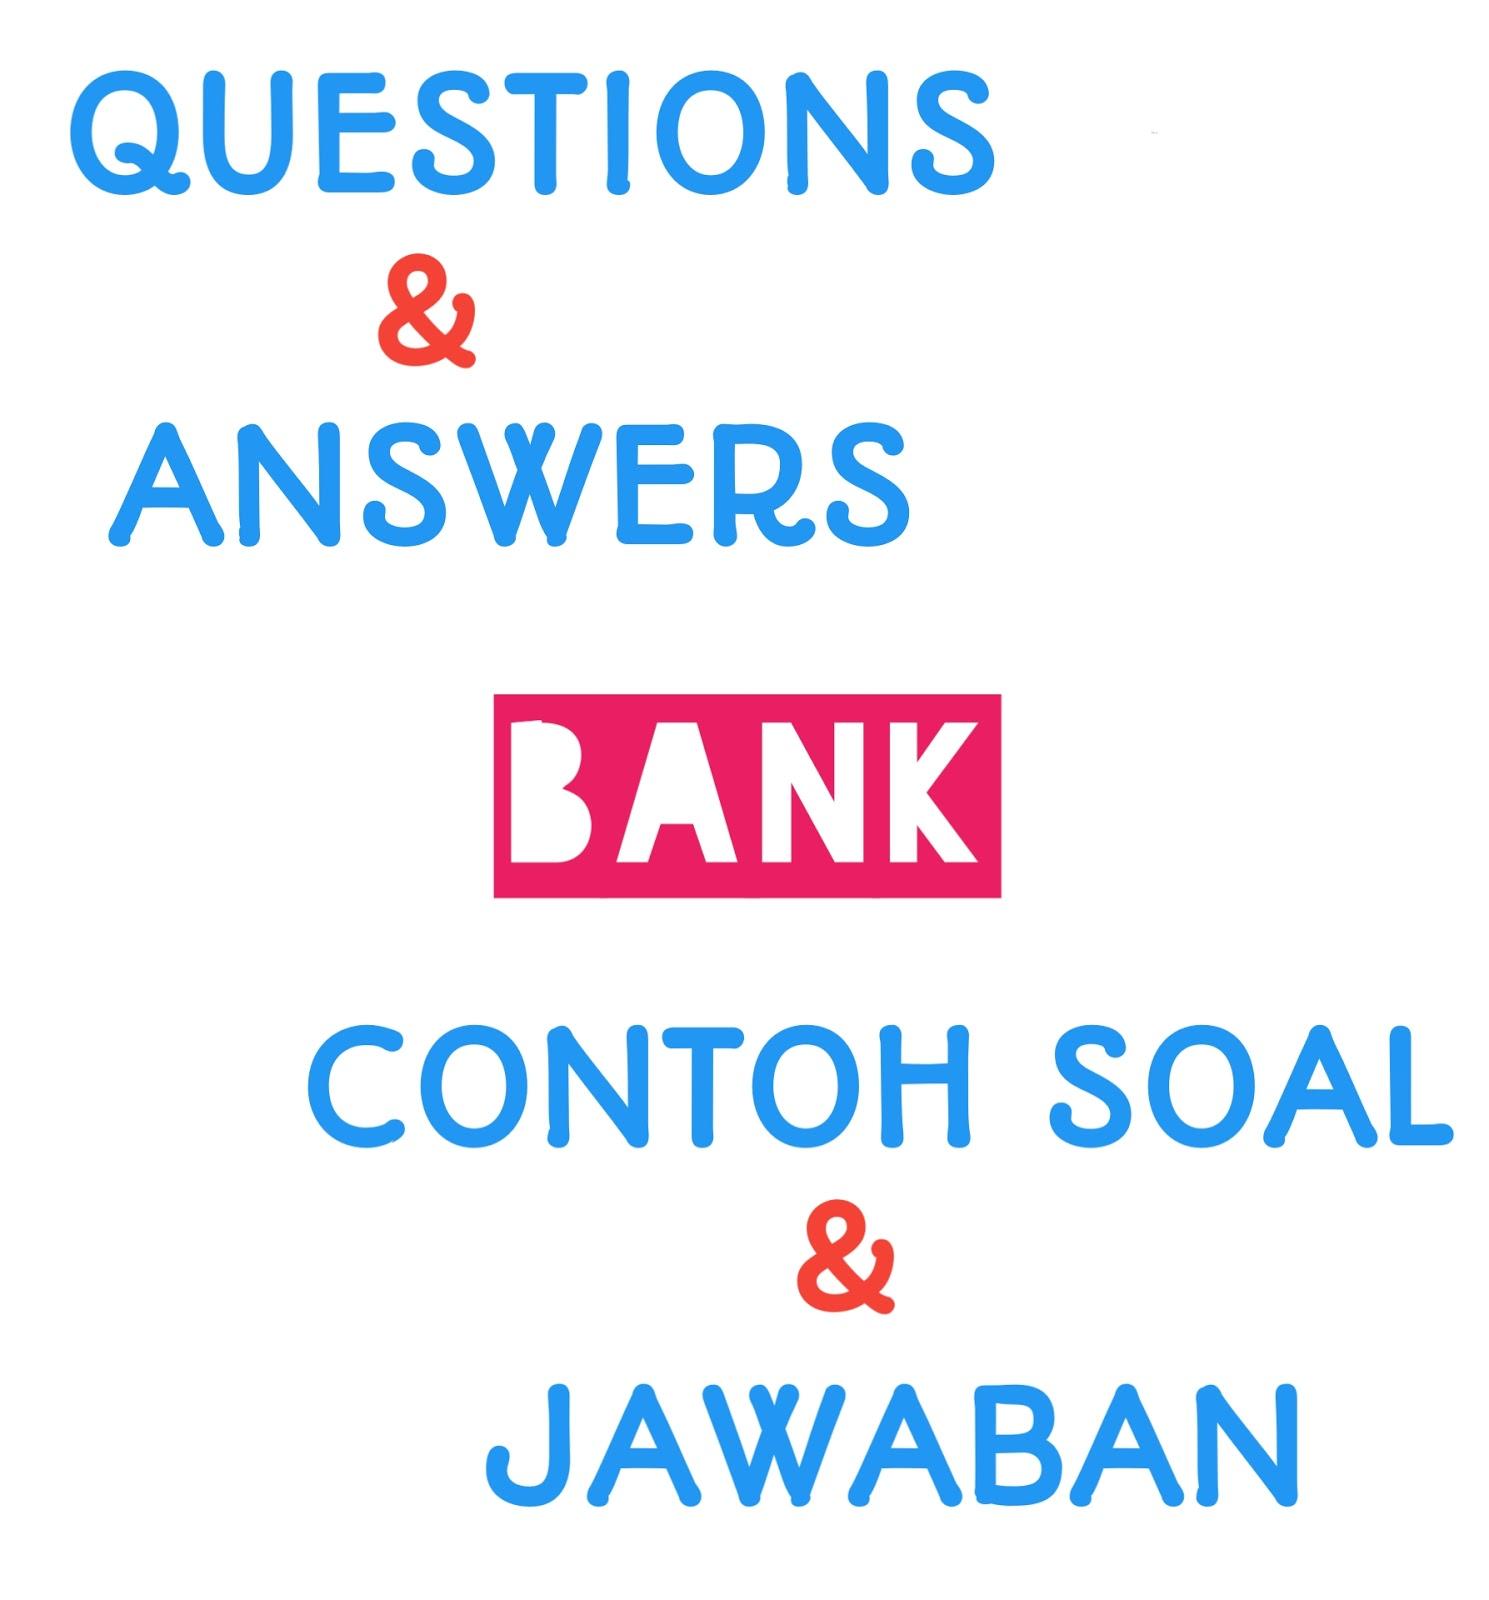 Contoh Soal Question Tag Dan Jawabannya Dunia Bahasa Inggris